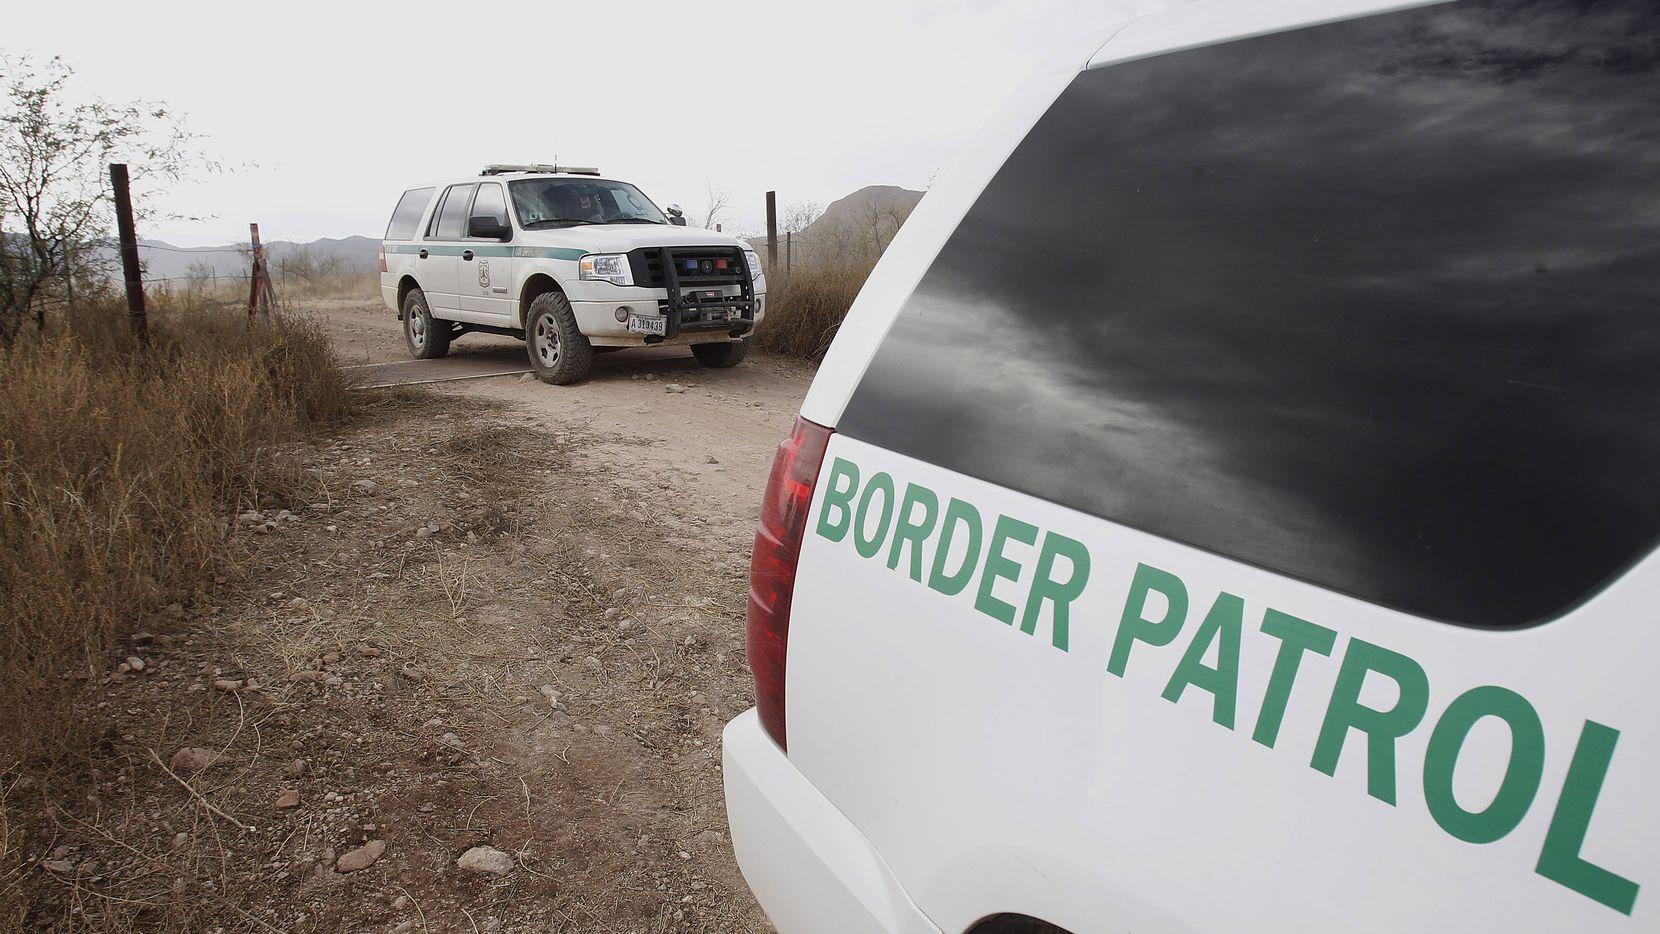 Un agente de la patrulla fronteriza confesó haber sido parte de una red de narcotráfico para pasar drogas de México a Estados Unidos.